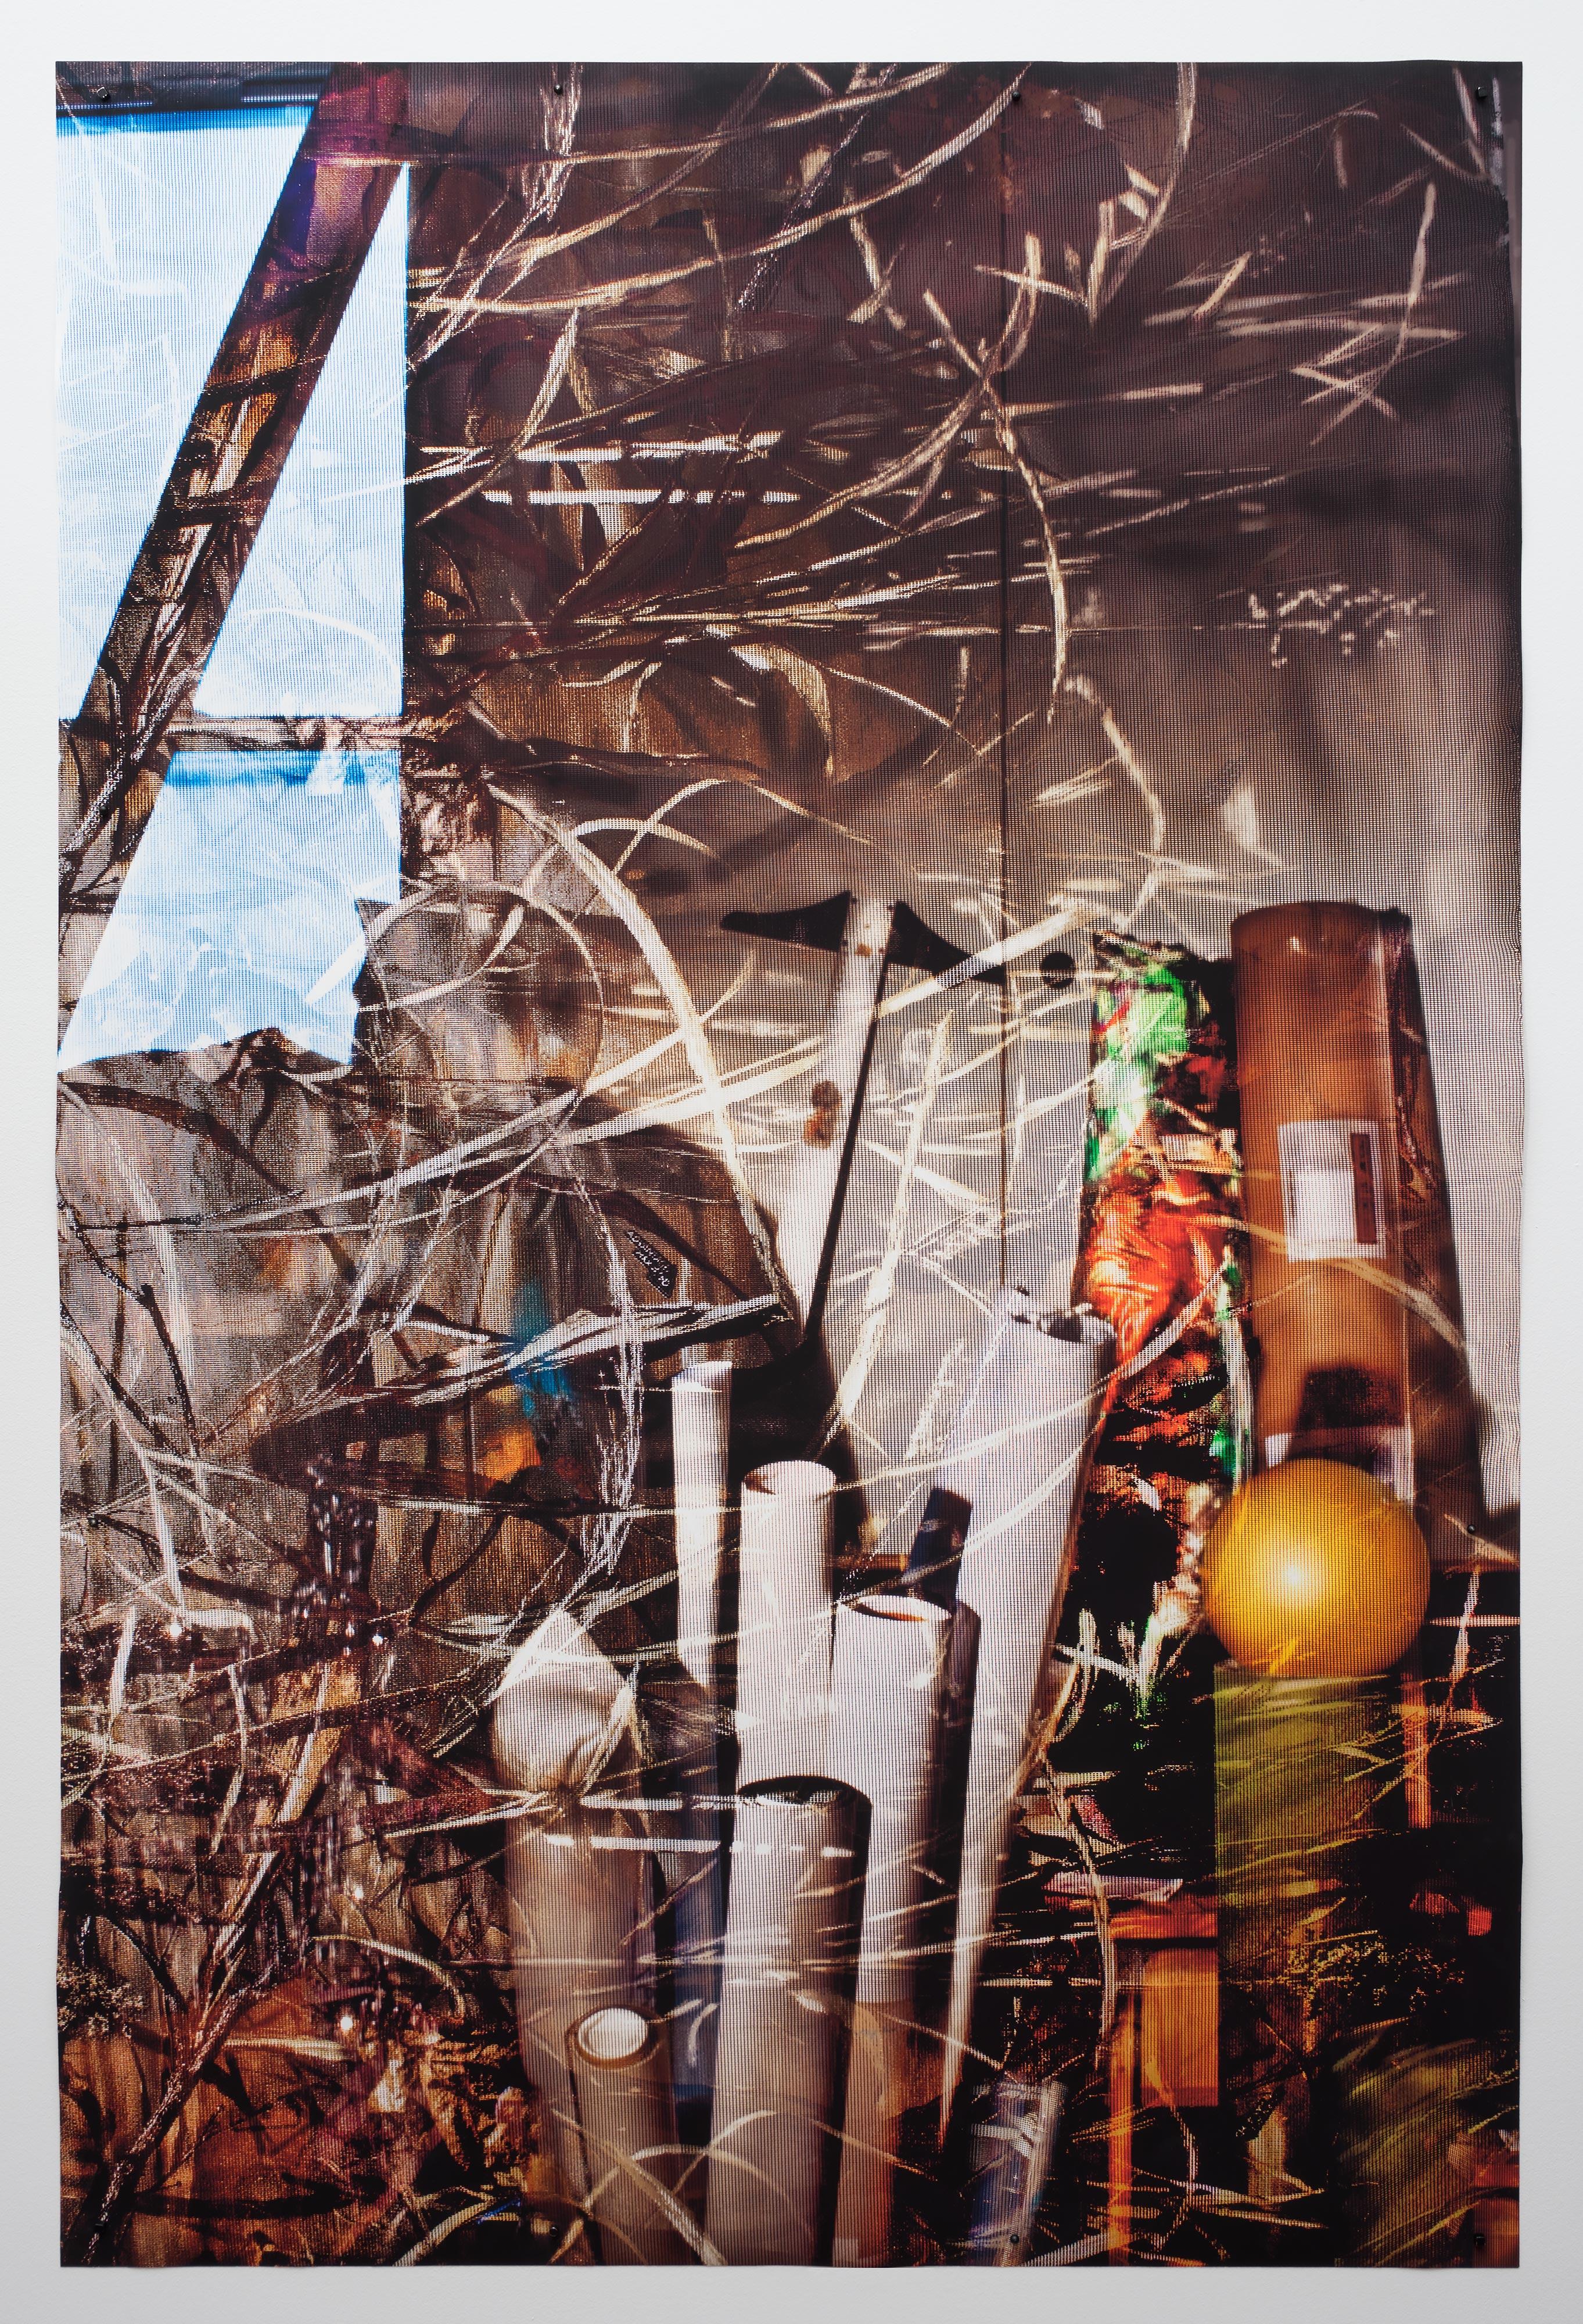 ELLEN BROOKS<br>Untitled (tubes)<br>2017<br>Digital pigment print<br>60 x 40 in (155 x 102 cm)